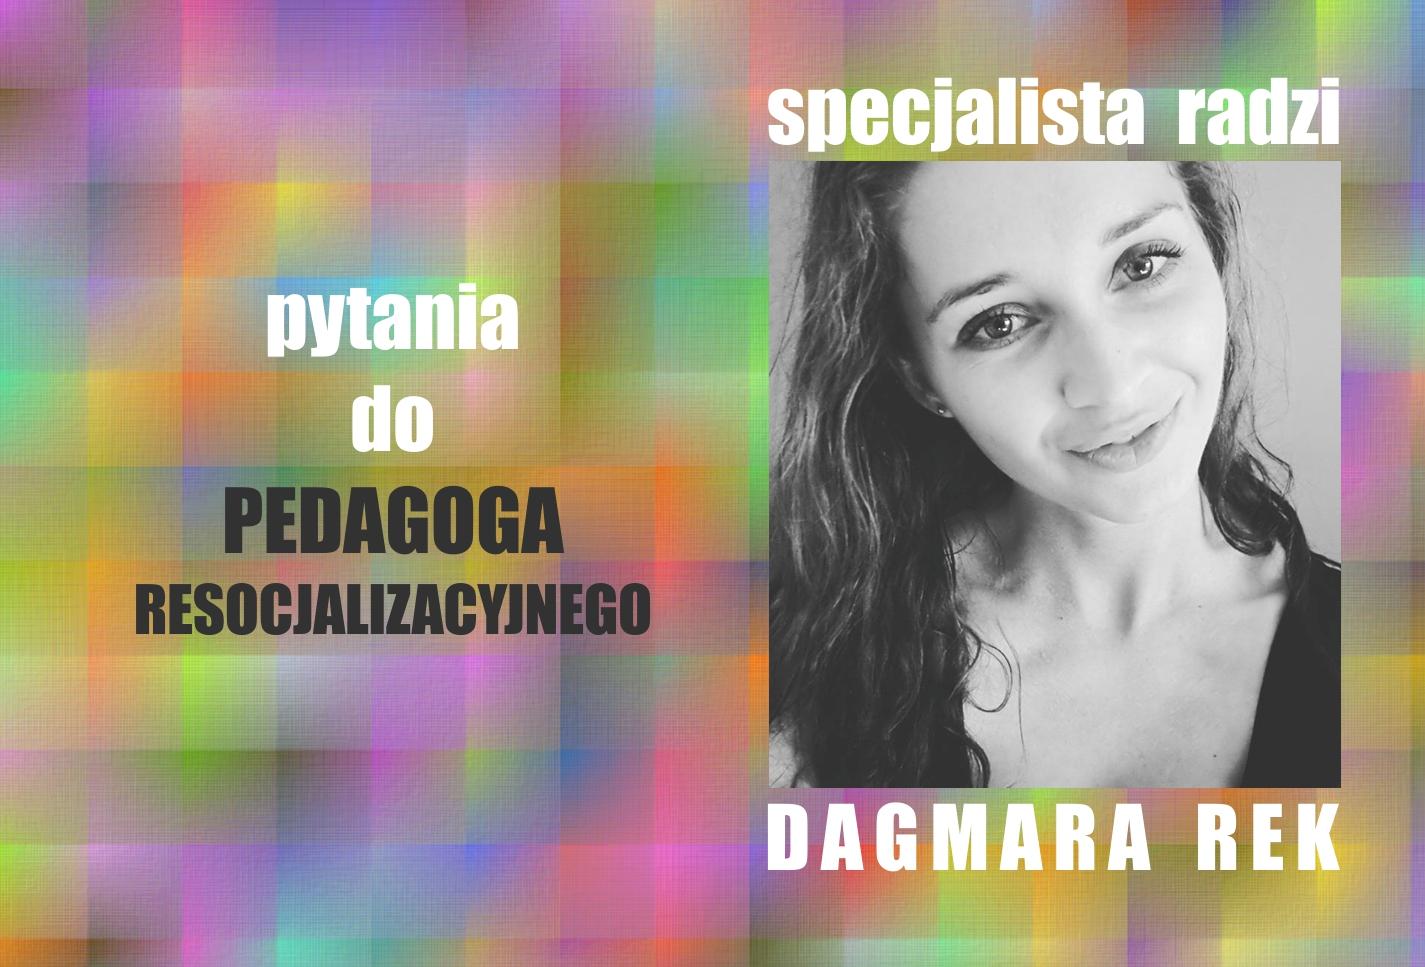 specjalista-radzi-dagmara-rek-pedagog-resocjalizacyjny